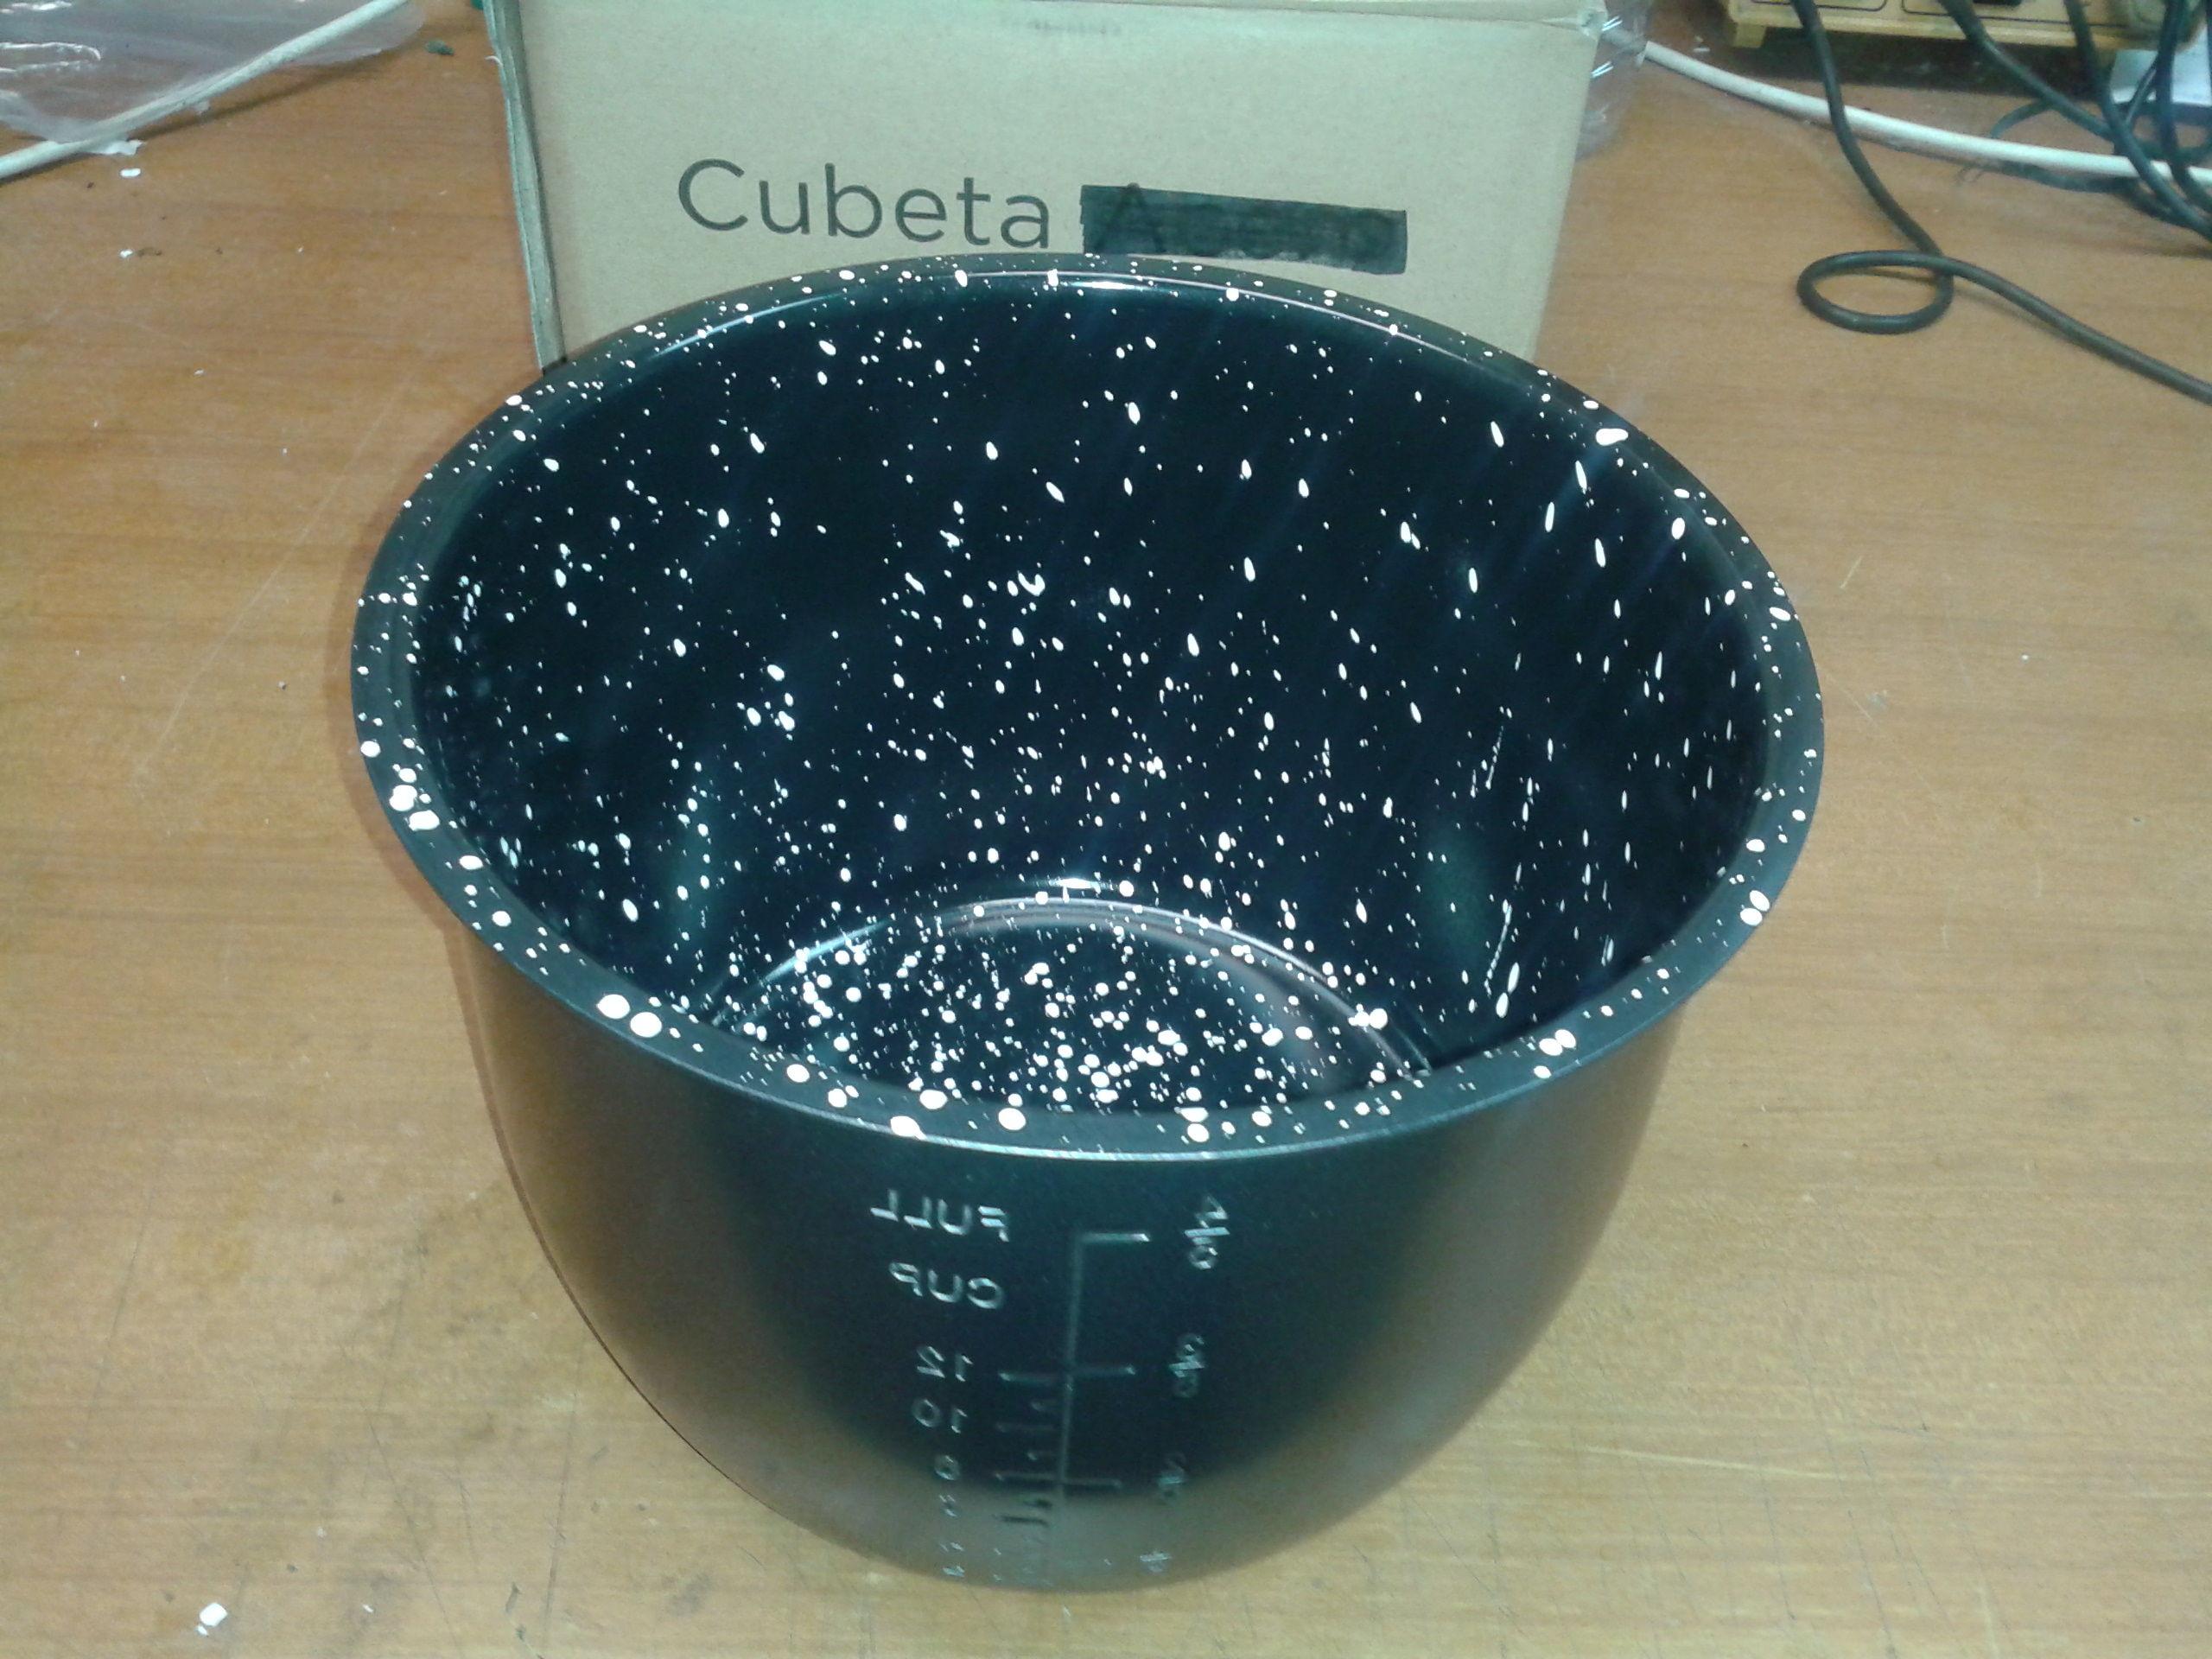 Cubeta ceramica olla programable 6 litros: CATALOGO de Astusetel